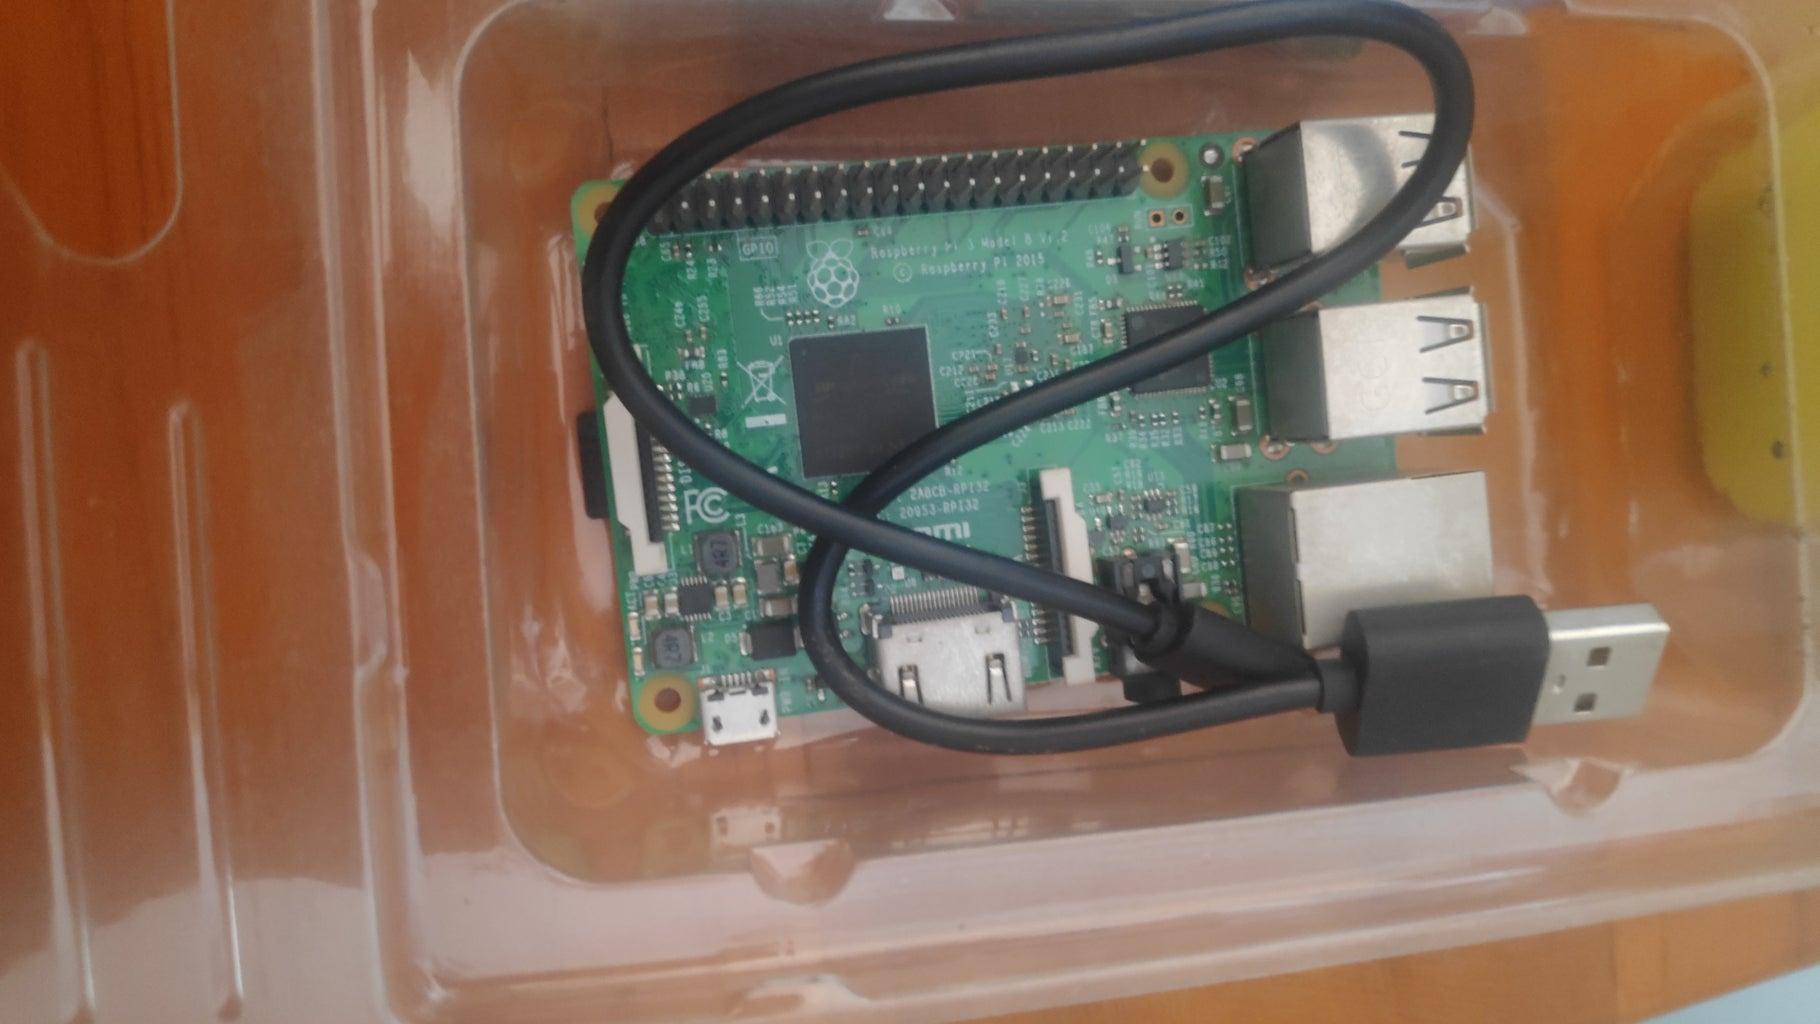 Arranging Raspberry Pi and Arduino